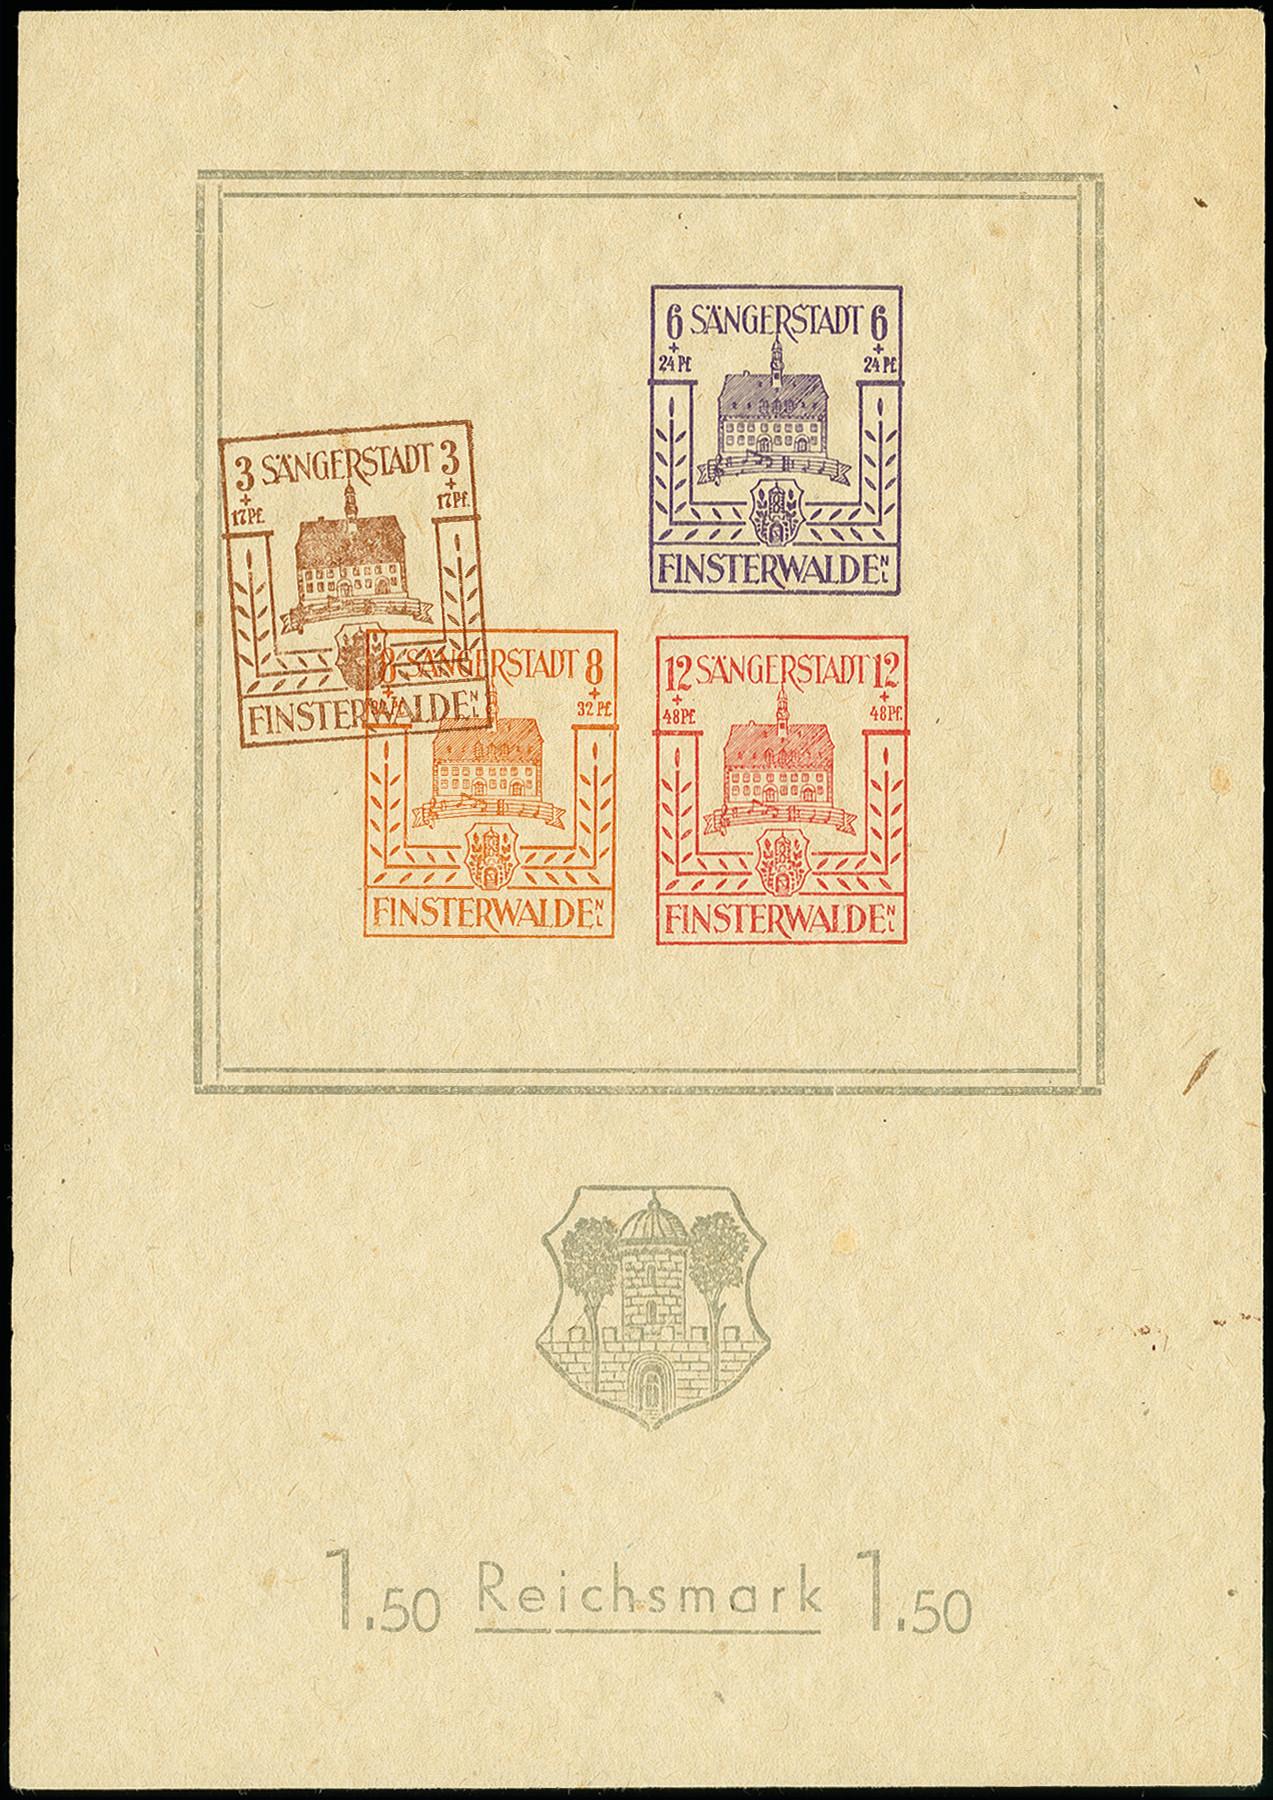 Lot 3469 - deutsche lokalausgaben ab 1945 finsterwalde -  Heinrich Koehler Auktionen 375rd Heinrich Köhler auction - Day 3